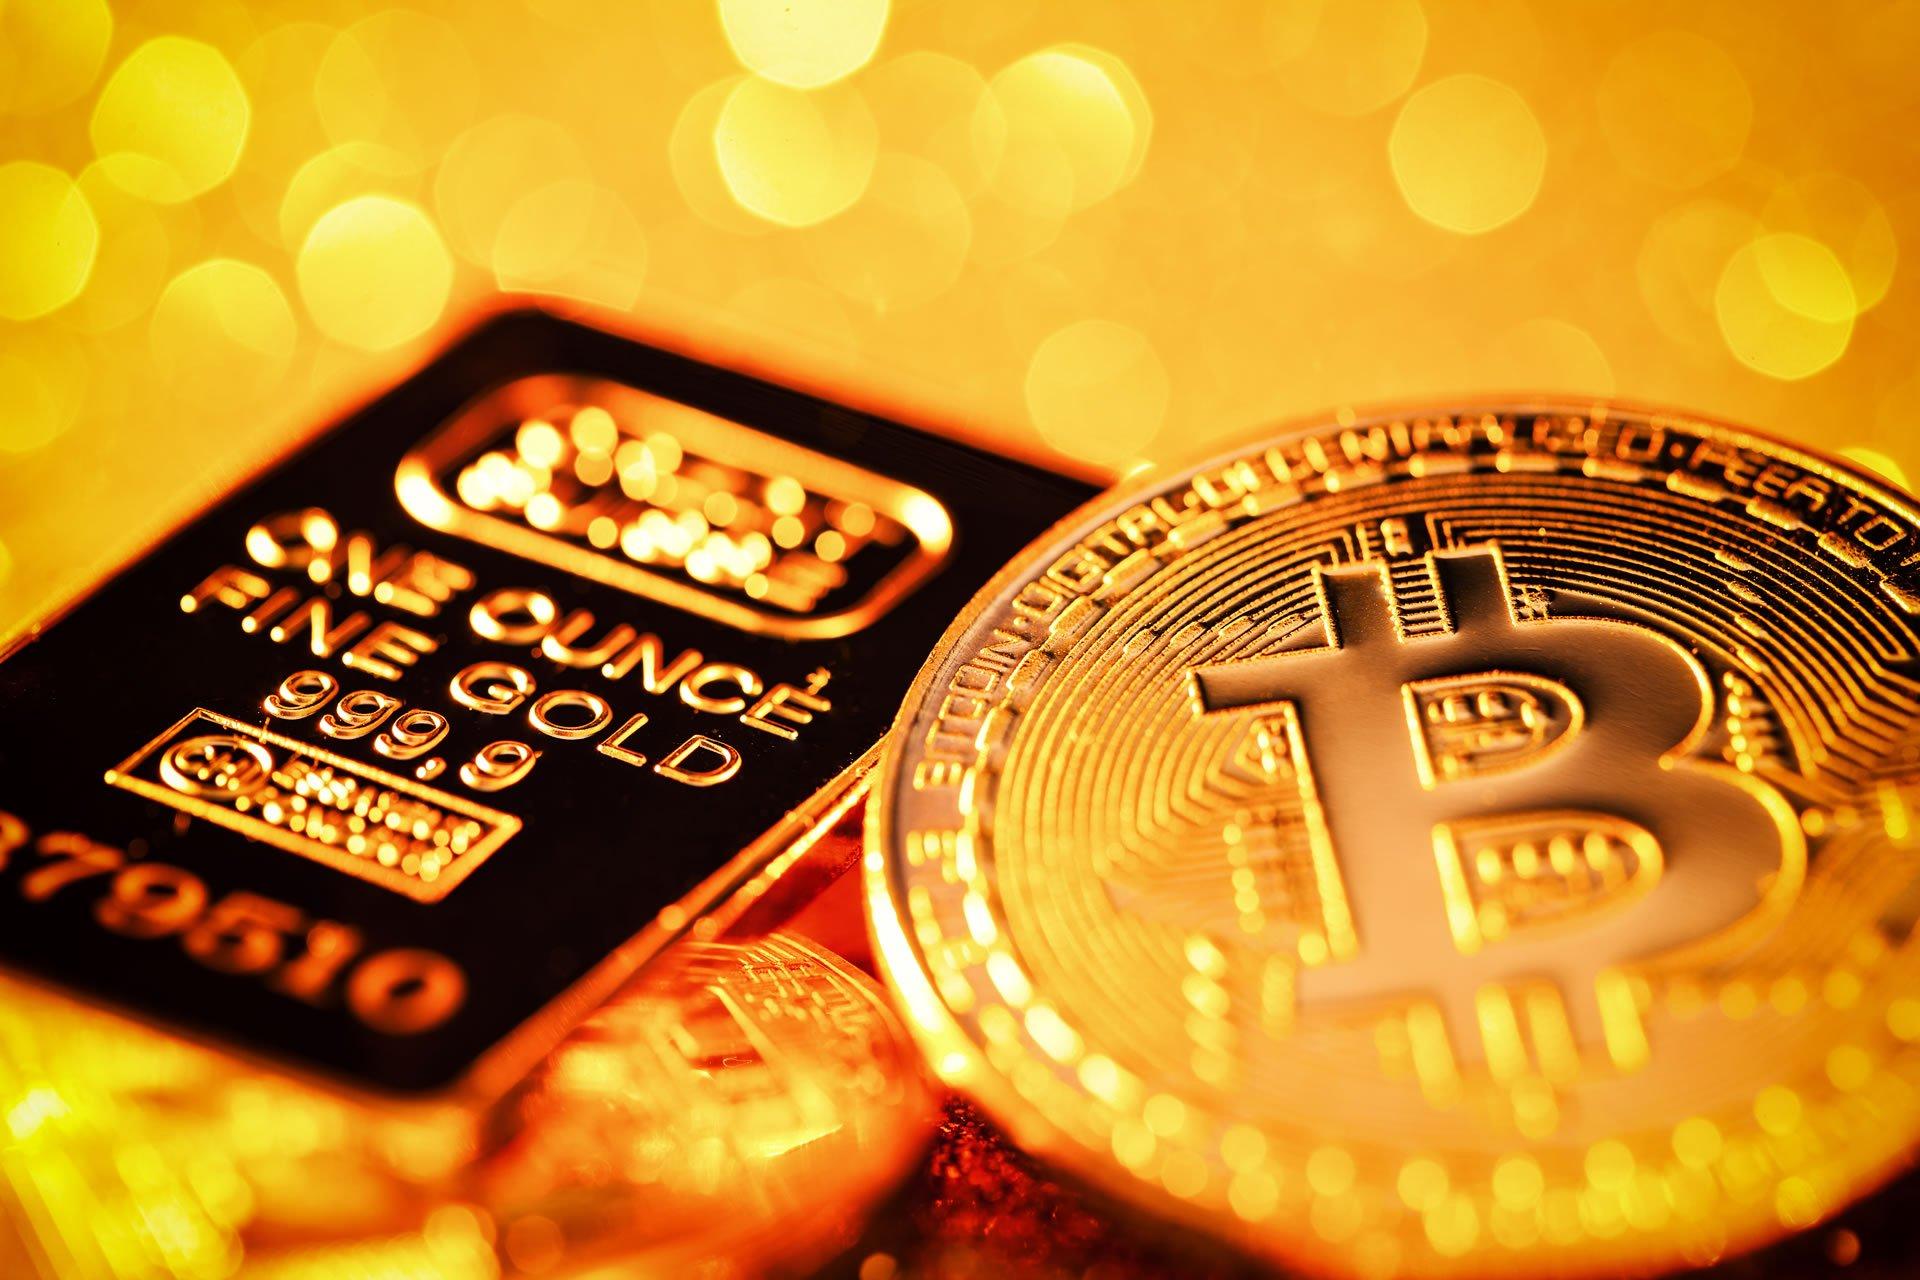 JPMorgan: Nhà đầu tư đổ xô mua bitcoin, giá vàng sẽ bị ảnh hưởng trong dài hạn - Ảnh 1.